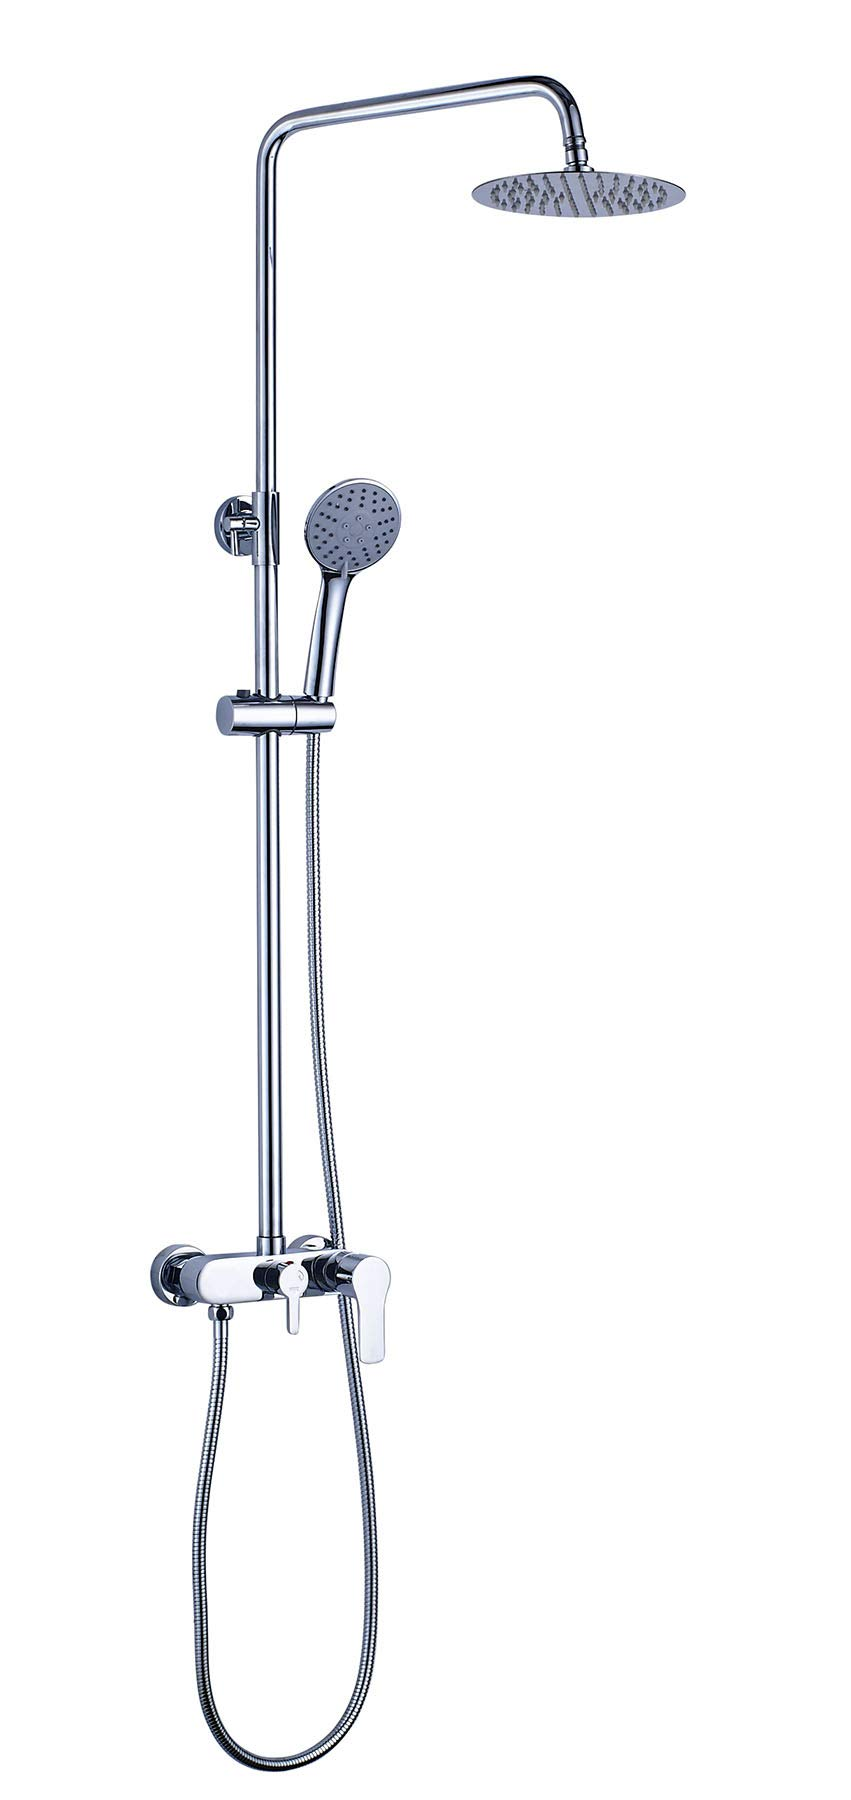 OXEN Cano – Columna de ducha monomando (extra larga)